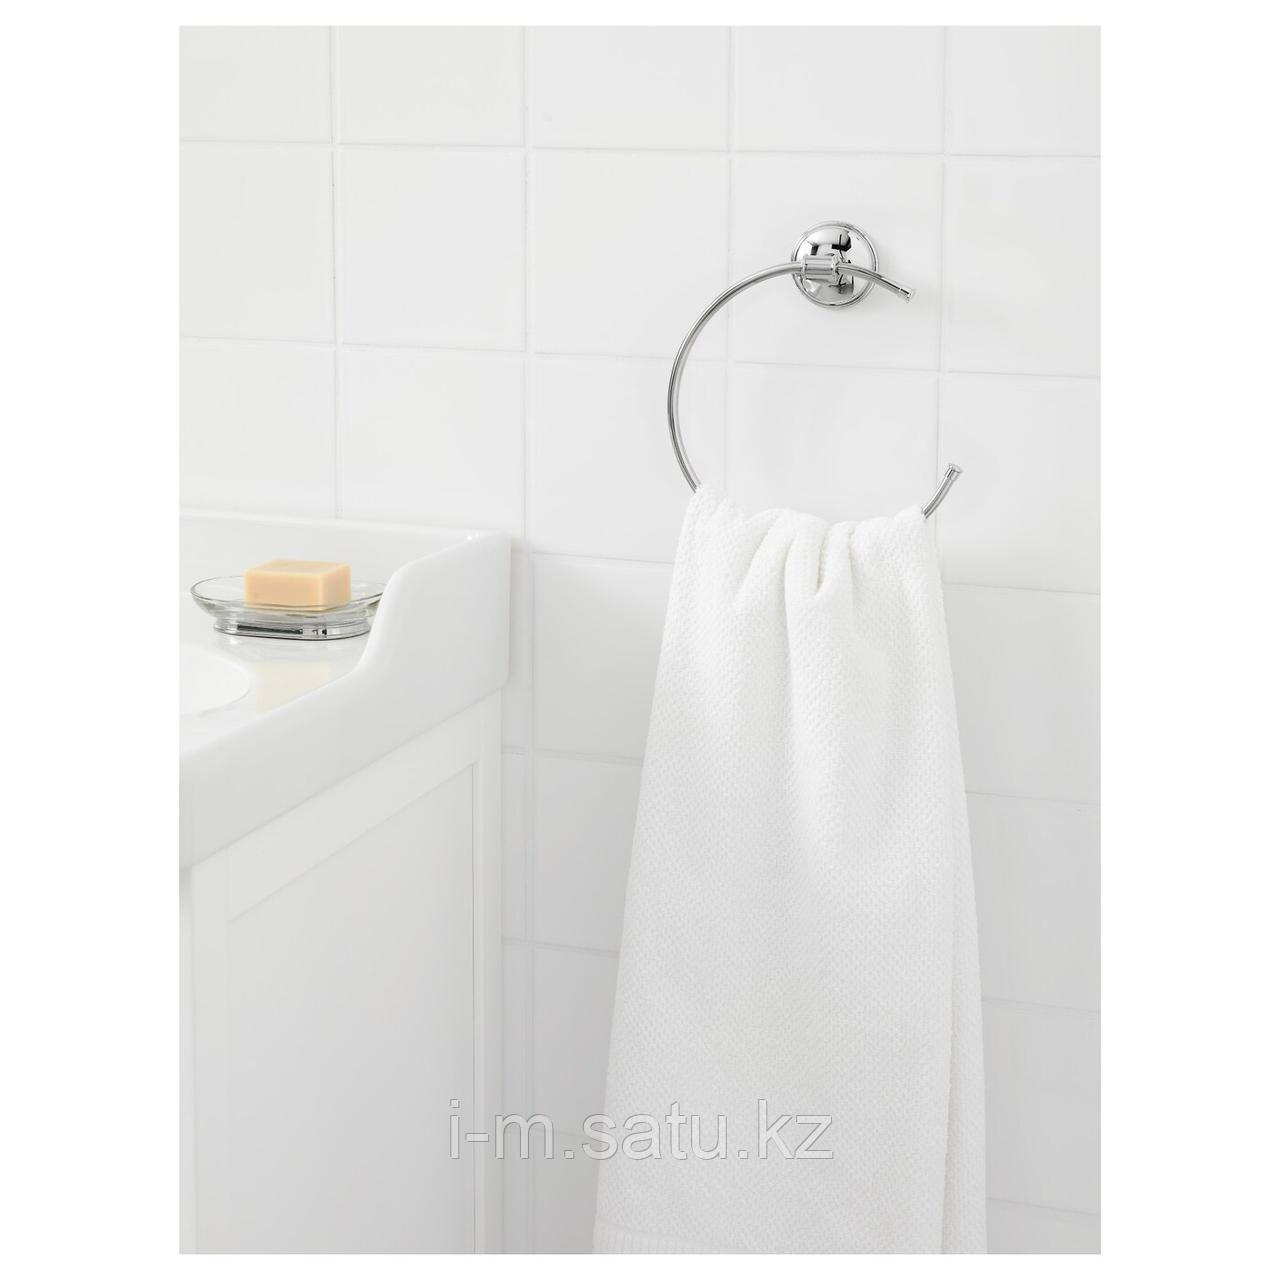 БАЛУНГЕН Вешалка для полотенец, хромированный, 24 см